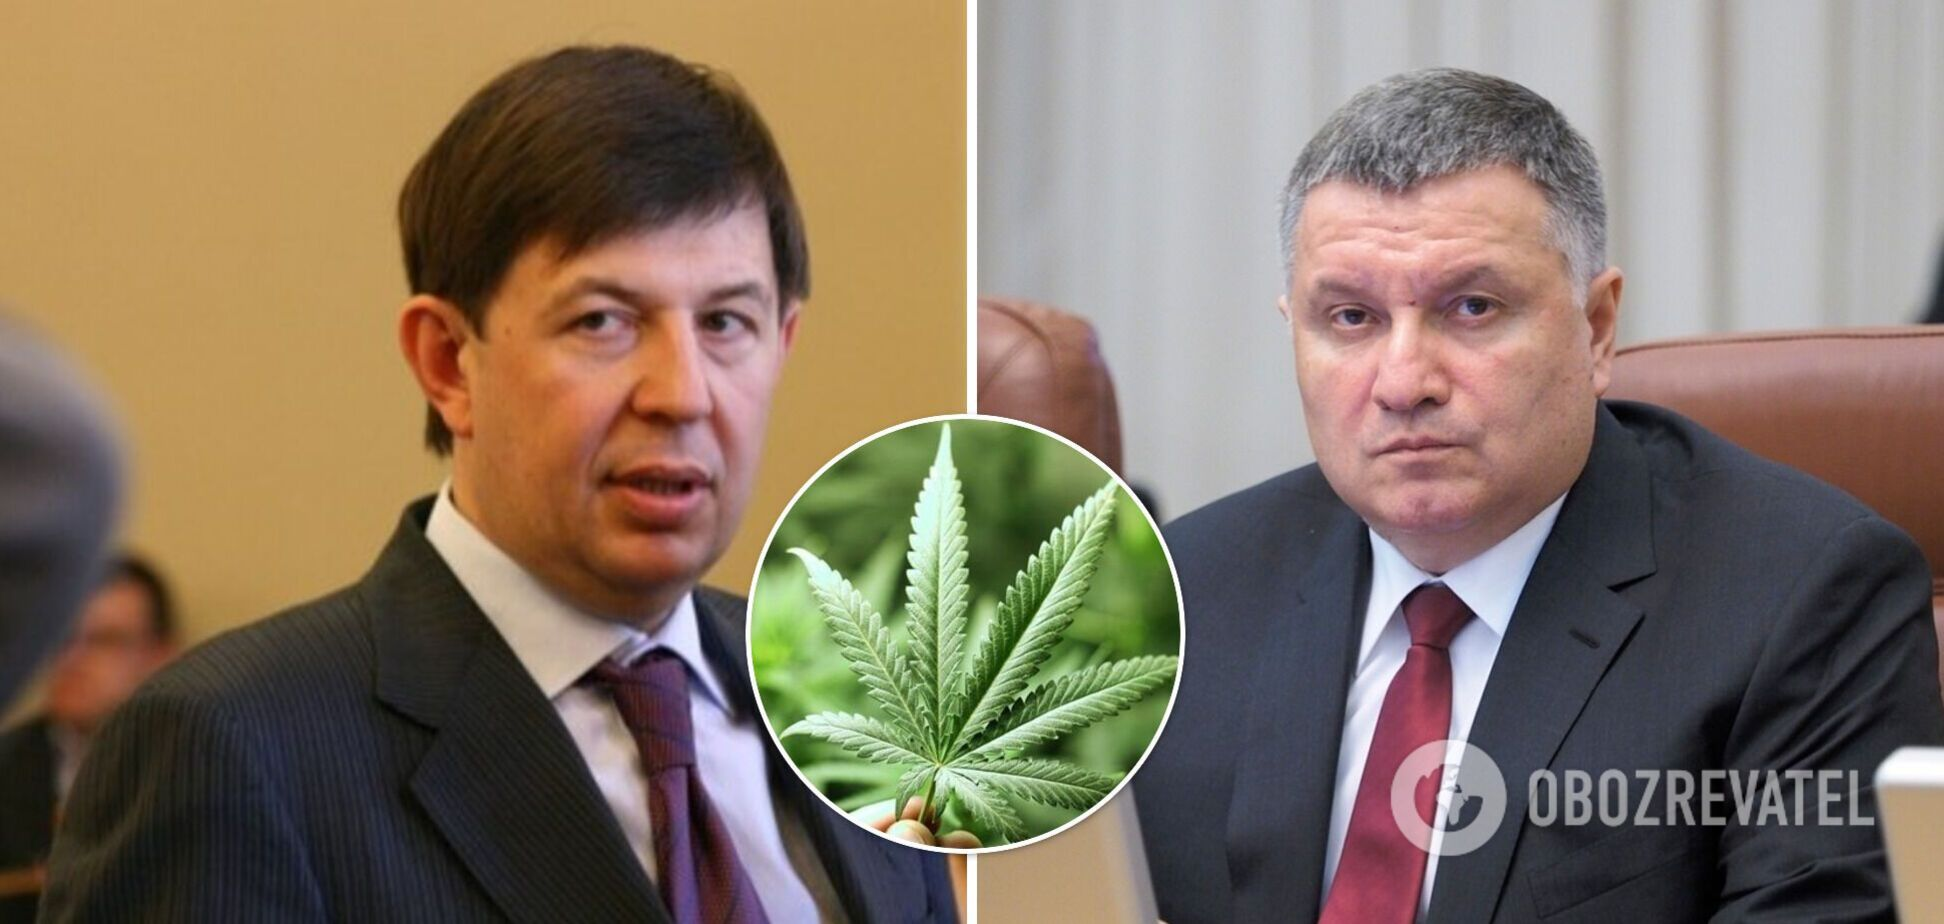 Новости Украины: марихуану не легализовали, имущество Козака арестовали, а Аваков подал в отставку